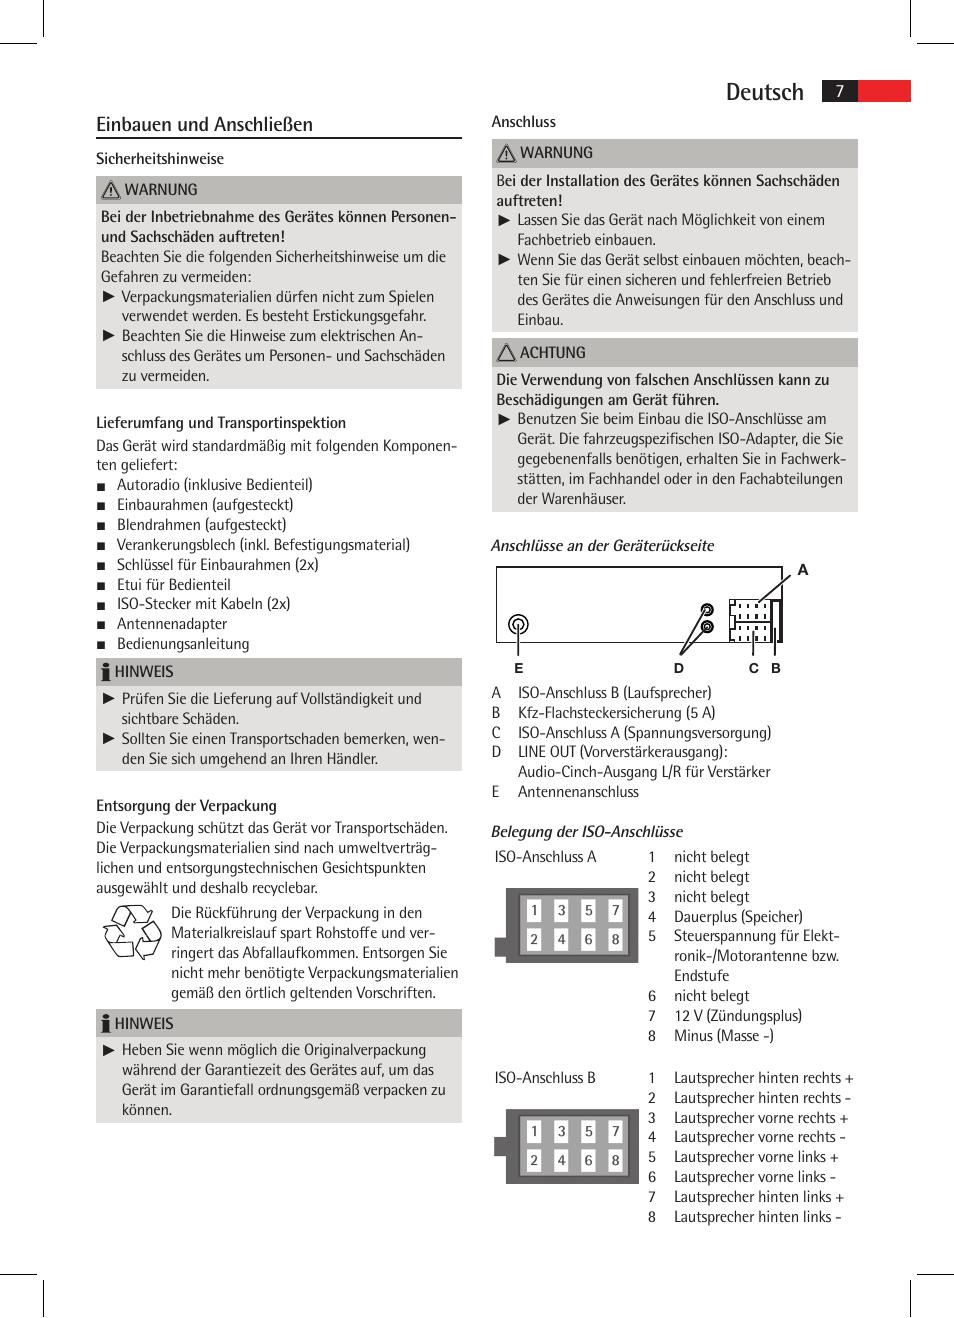 deutsch einbauen und anschlie en aeg ar 4020 user manual page 7 90. Black Bedroom Furniture Sets. Home Design Ideas